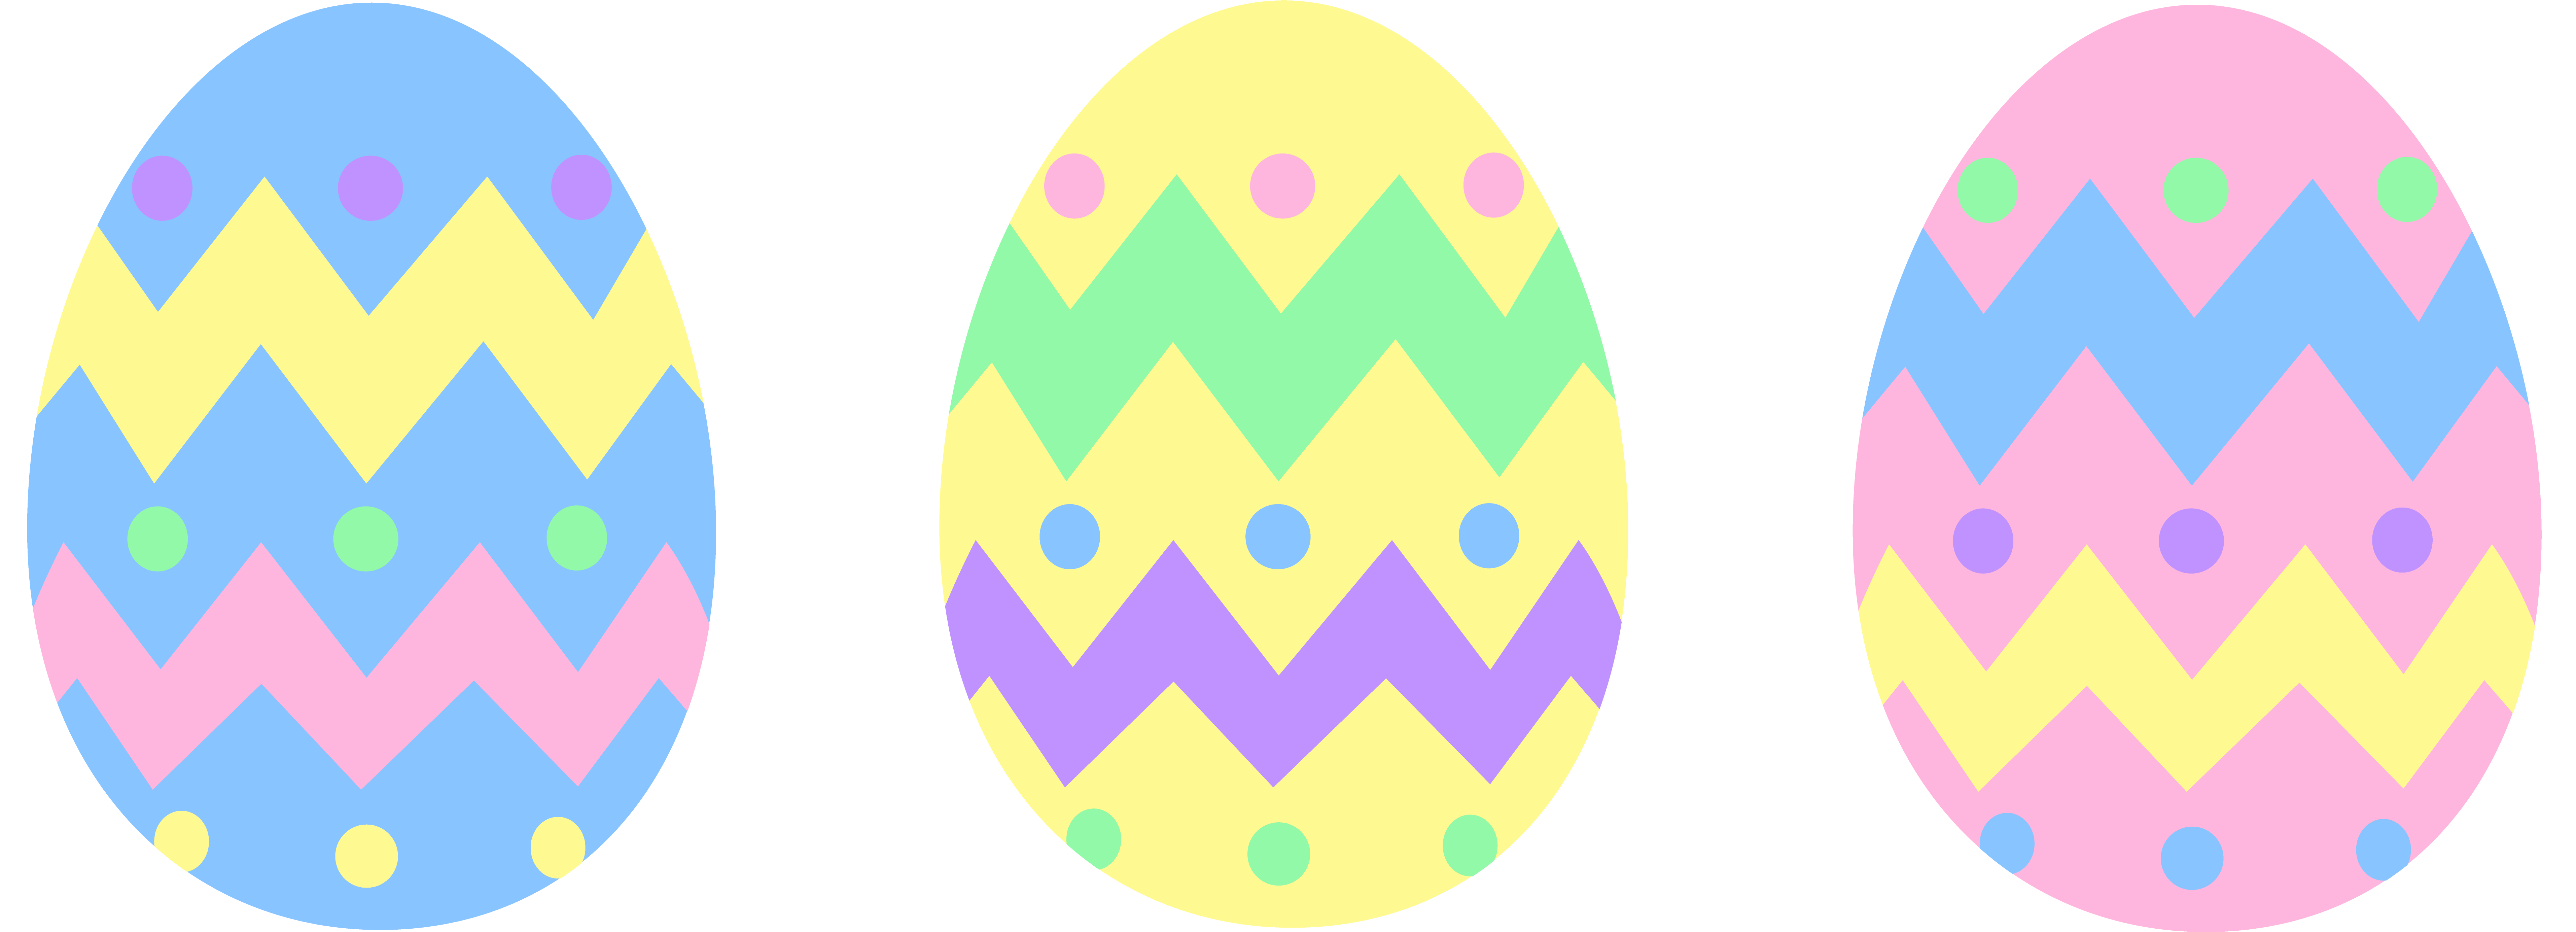 Pastel Easter Egg Clipart.